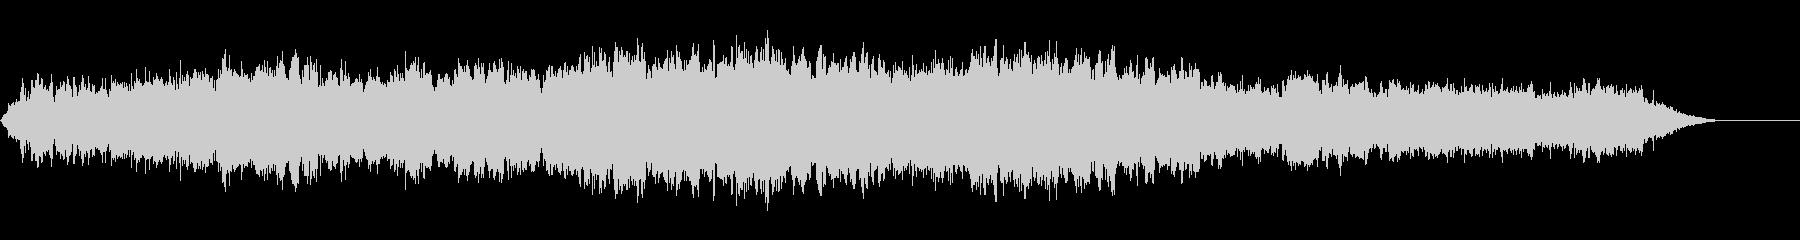 対位法による弦楽合奏曲1の未再生の波形